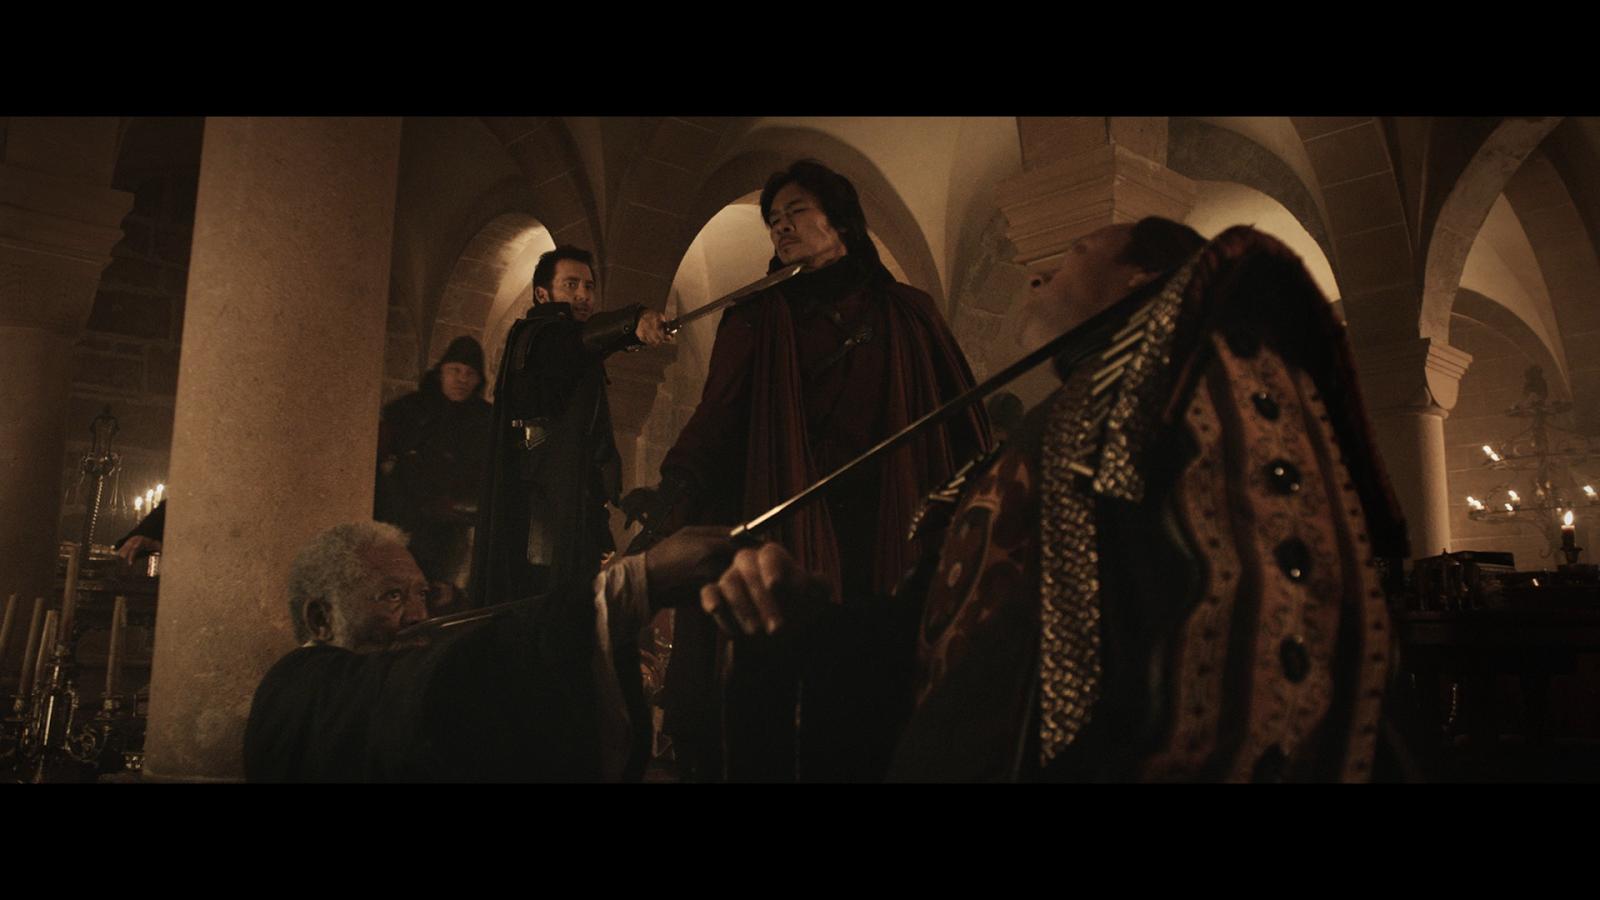 Last Knights (2015) 1080p BD25 4